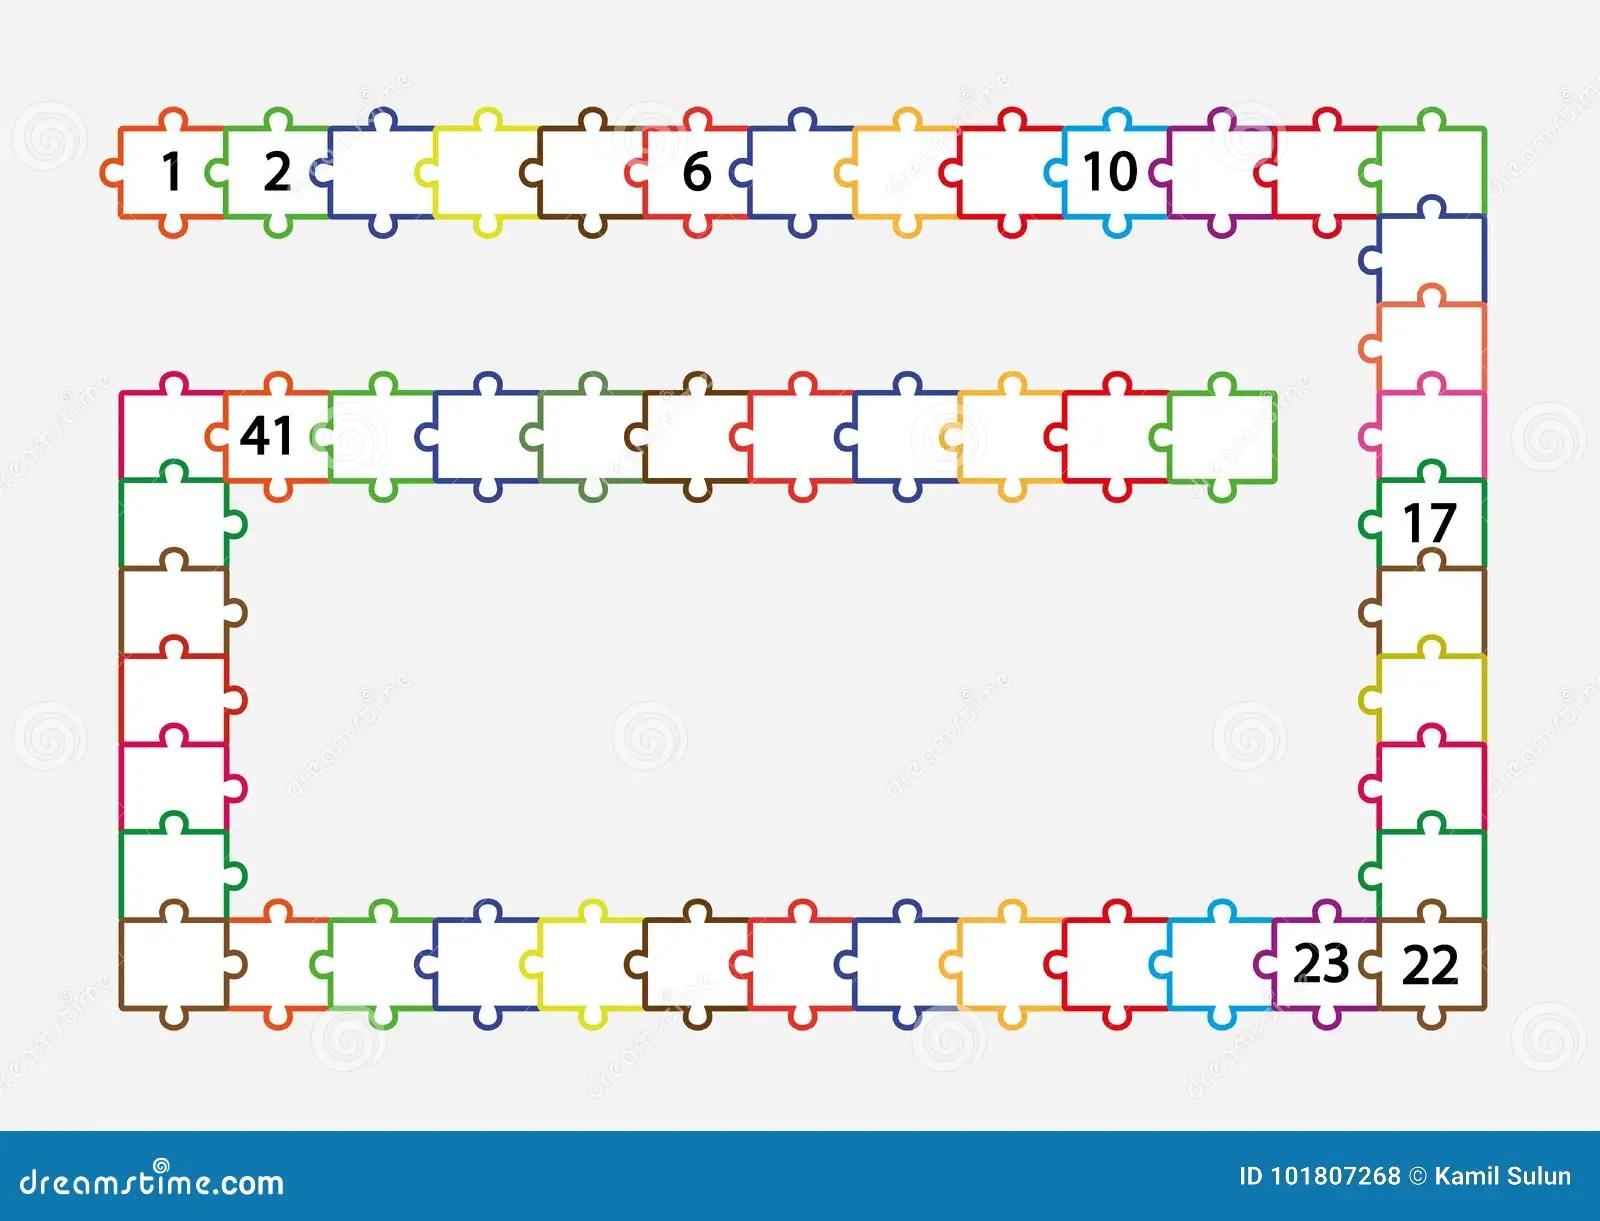 Complete Los Numeros Que Falta A 50 Escriba Los Numeros